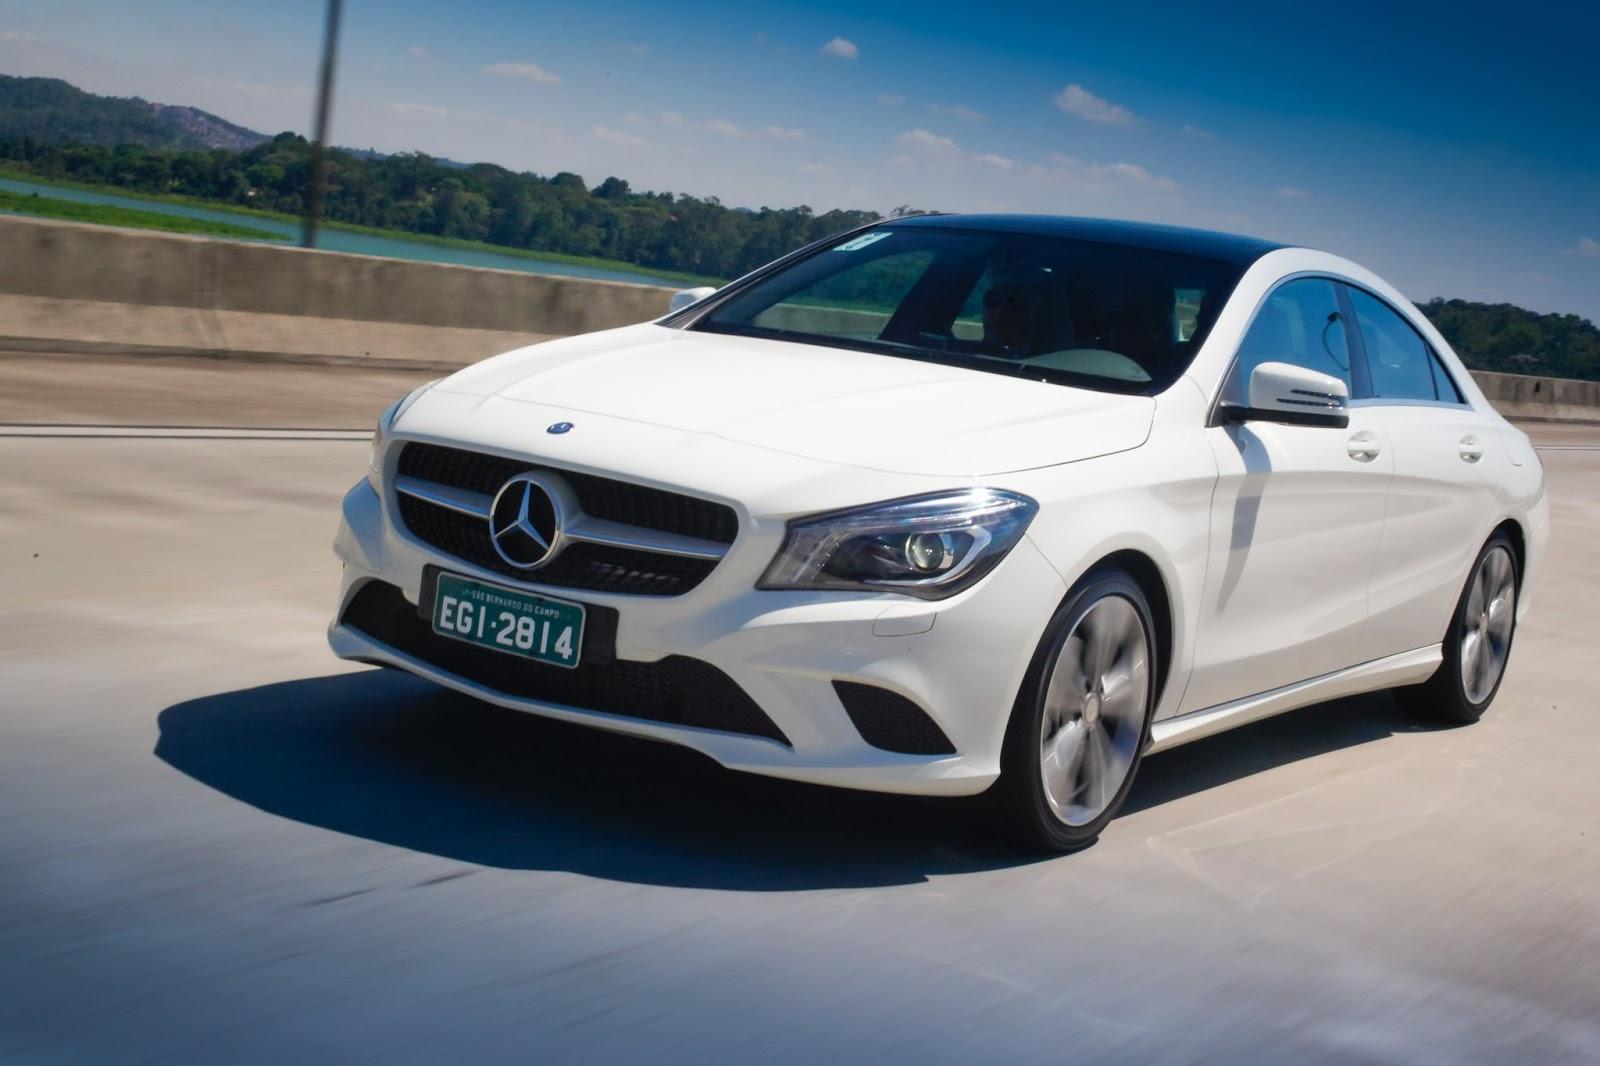 Conex o automotiva em 2018 brasil deve receber mercedes for Mercedes benz com mx mexico